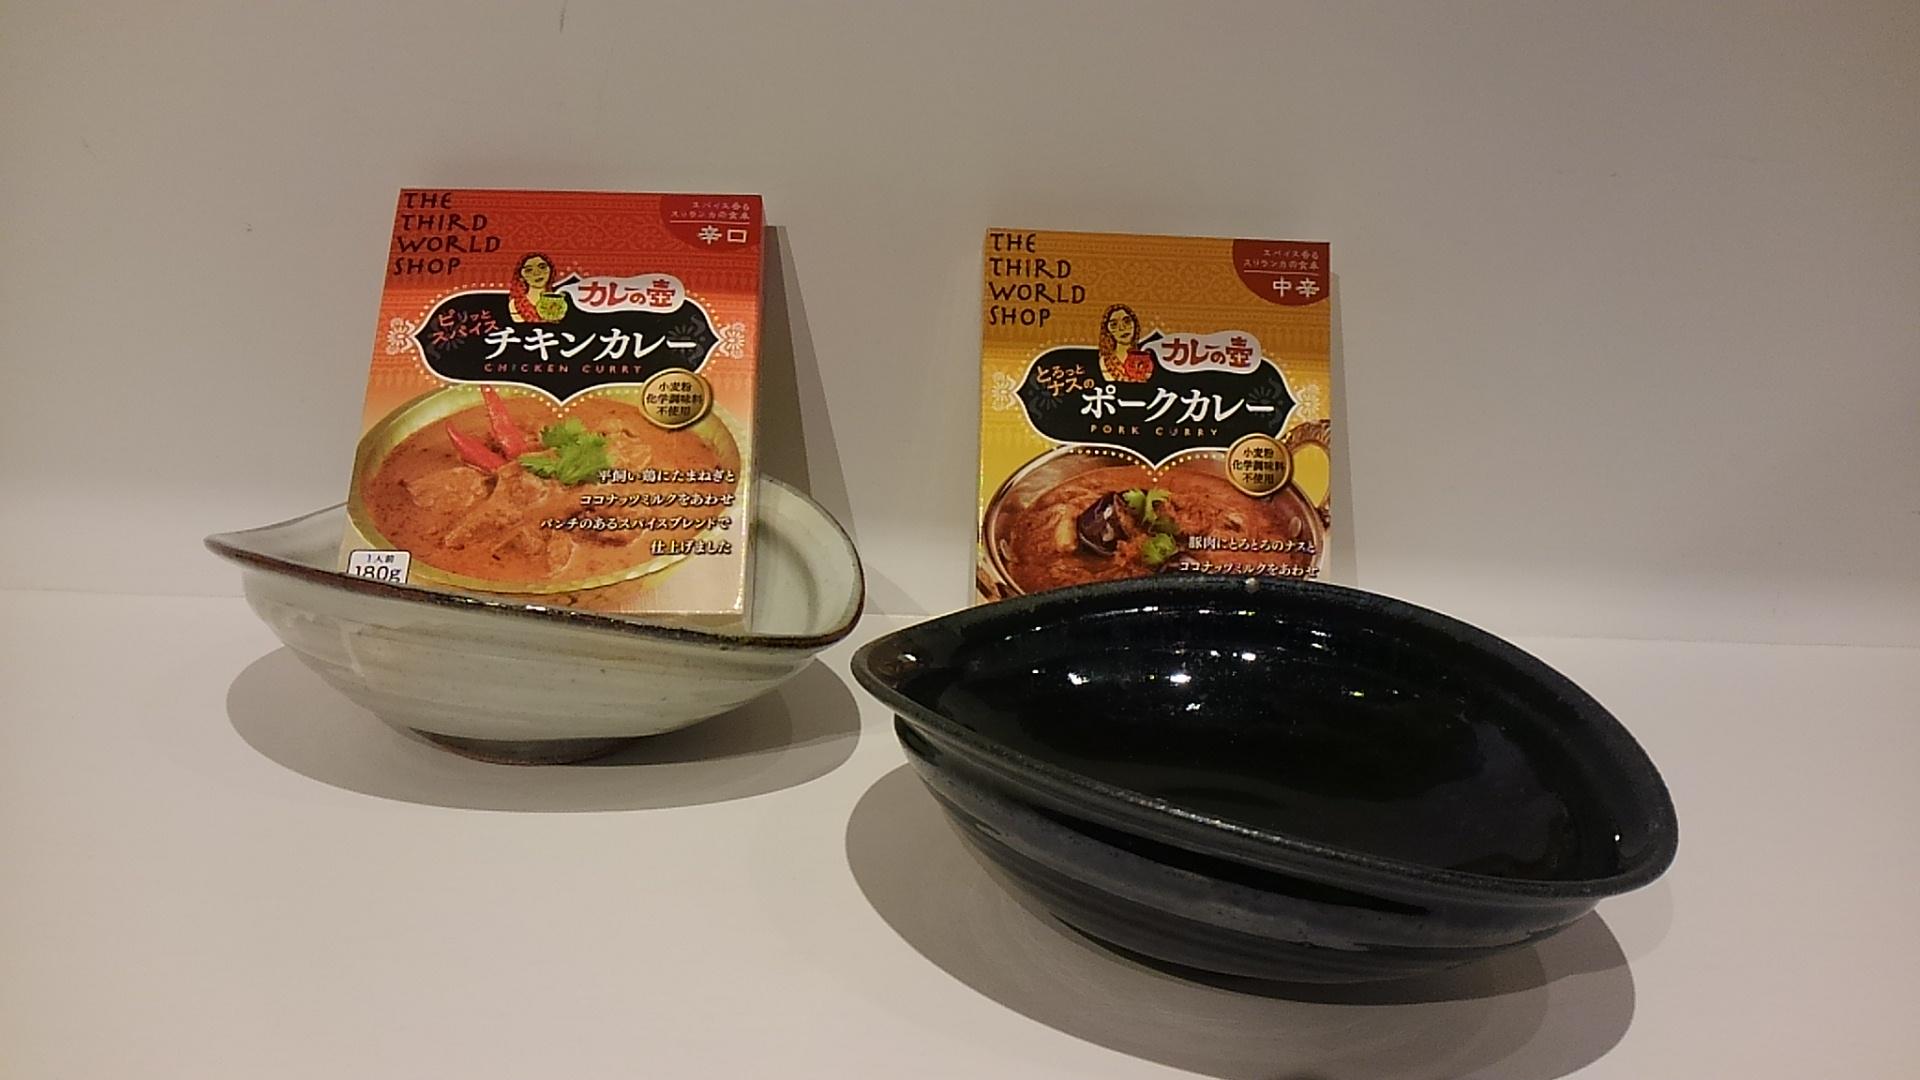 カレーの壷(スリランカカレーぺースト)入荷しました☆ / mumokuteki goods&wears京都